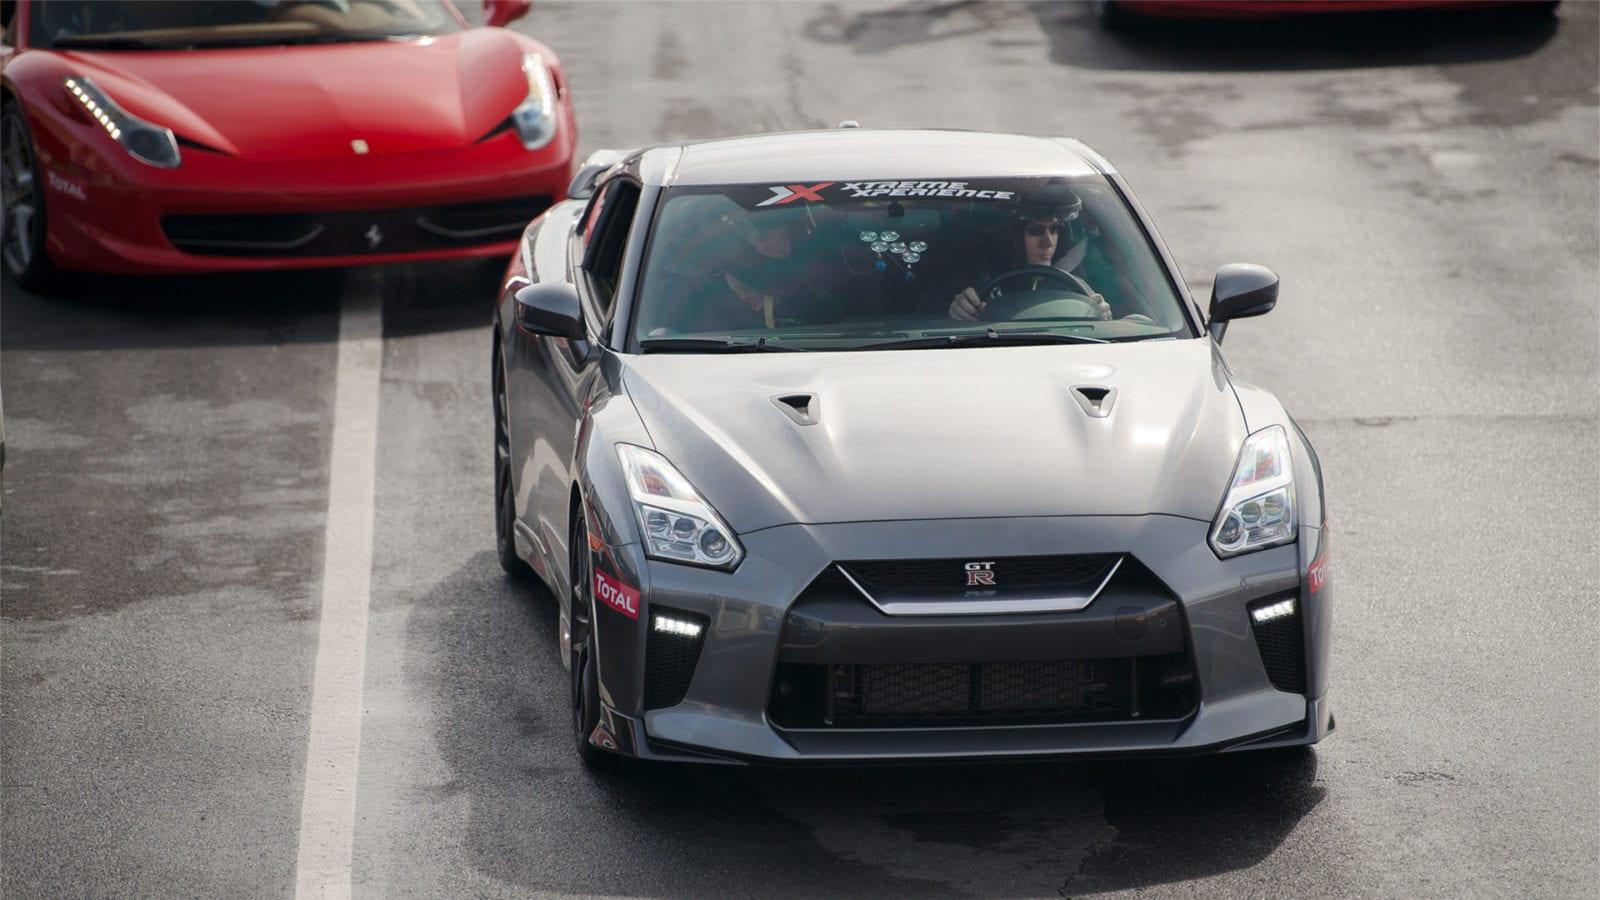 Nissan GT-R in silver